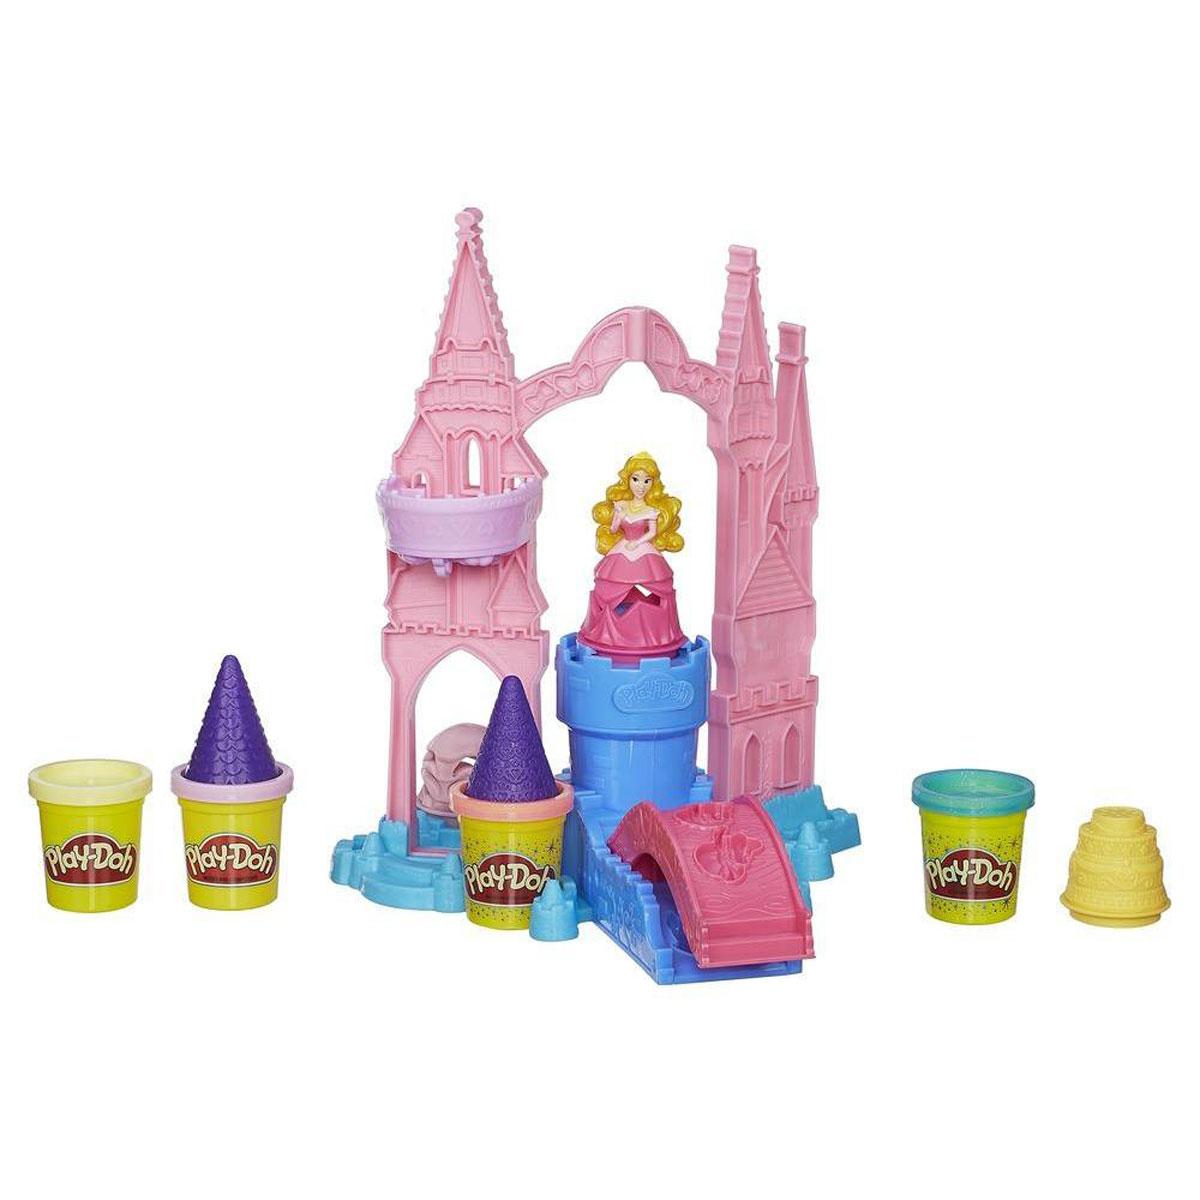 Play-Doh Игровой набор Чудесный замок Авроры, с пластилином